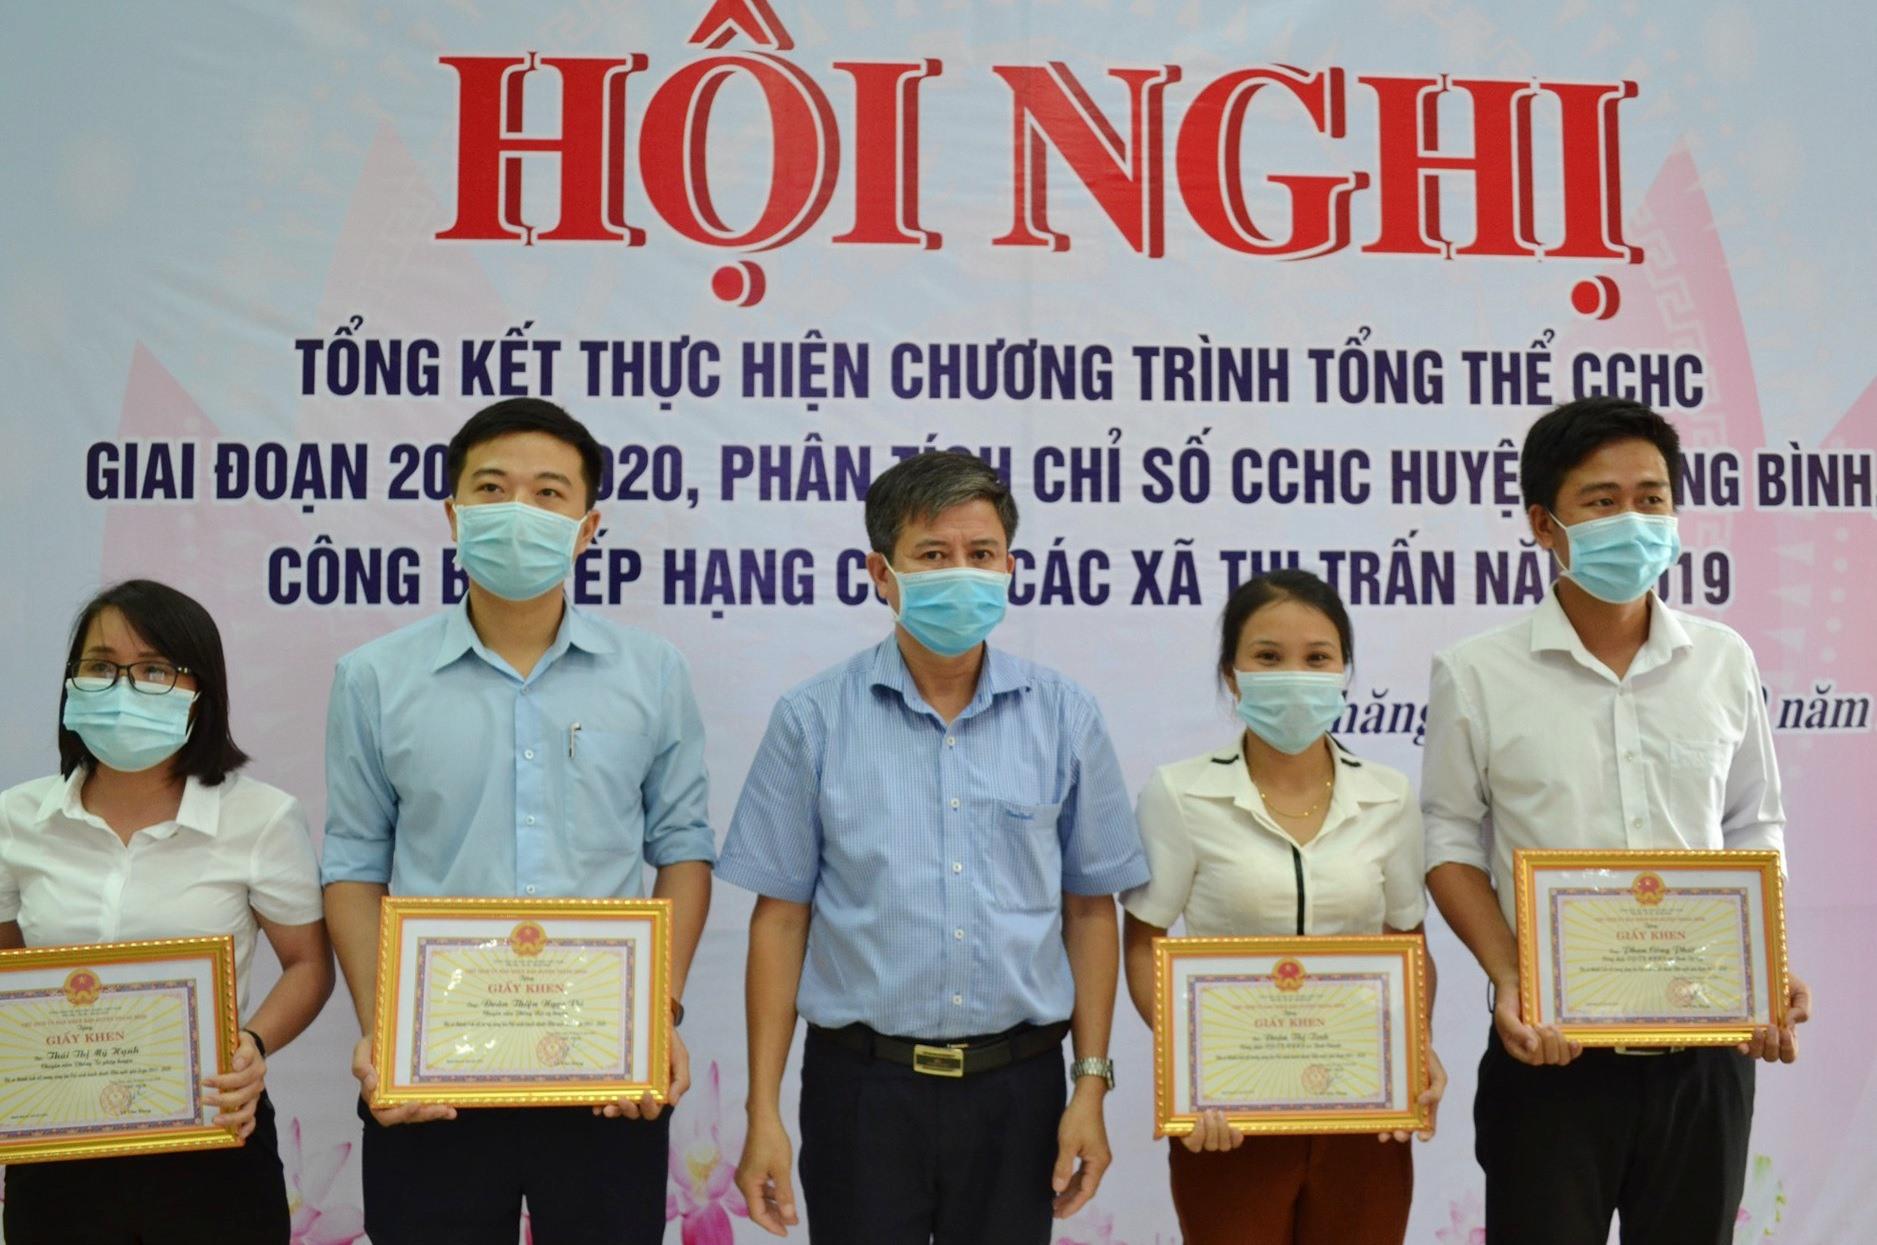 UBND huyện Thăng Bình khen thưởng một số cá nhâ, tập thể đạt thành tích trong cải cách hành chính giai đoạn 2011-2020.